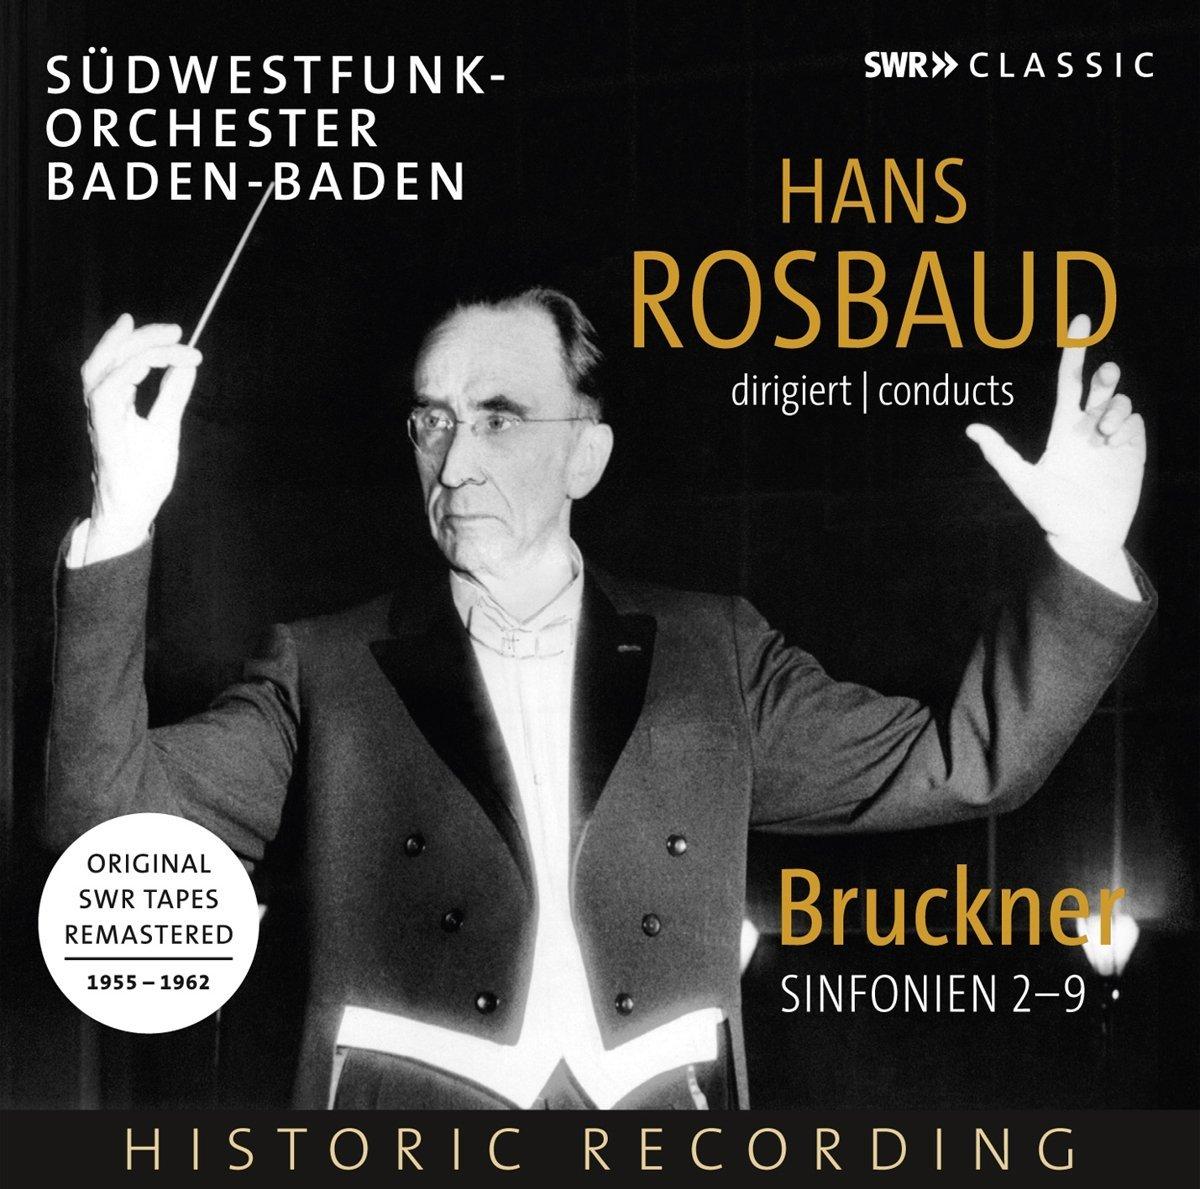 The Südwestfunk (SWF)-Sinfonie-Orchester Baden-Baden became the SWR Sinfonieorchester Baden-Baden und Freiburg